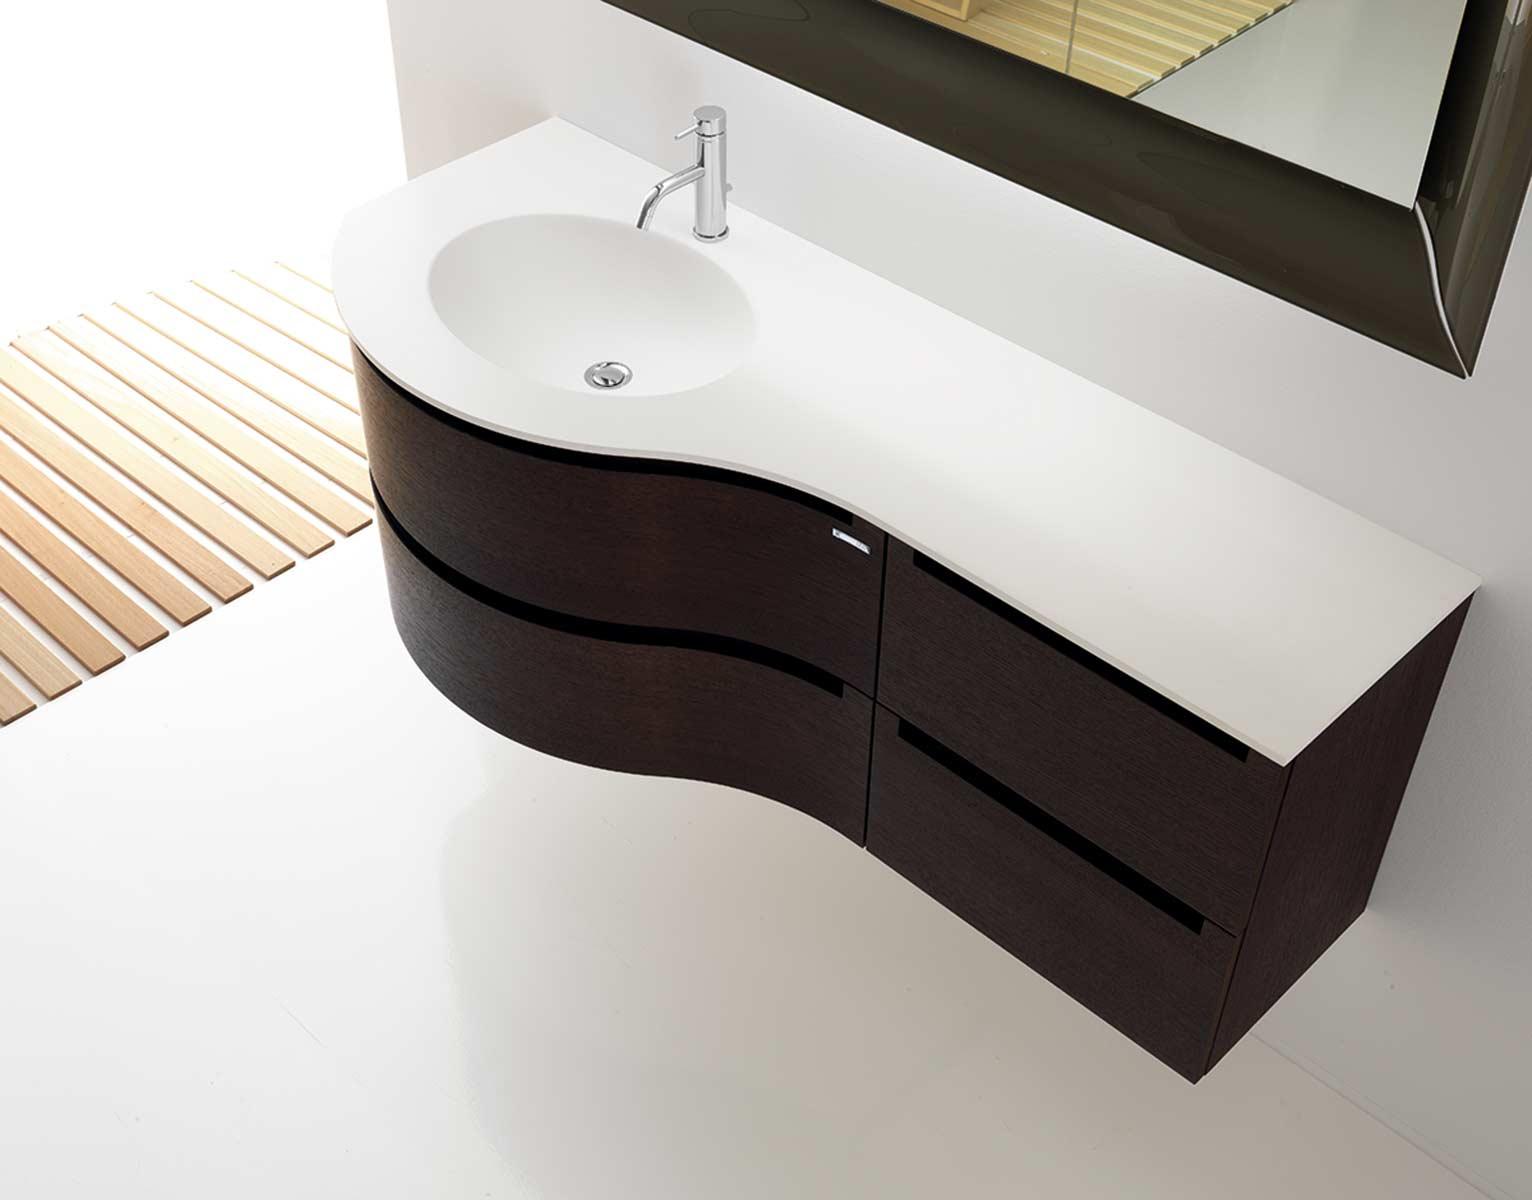 Mobili bagno berloni mobile bagno berloni riferimento di mobili casa